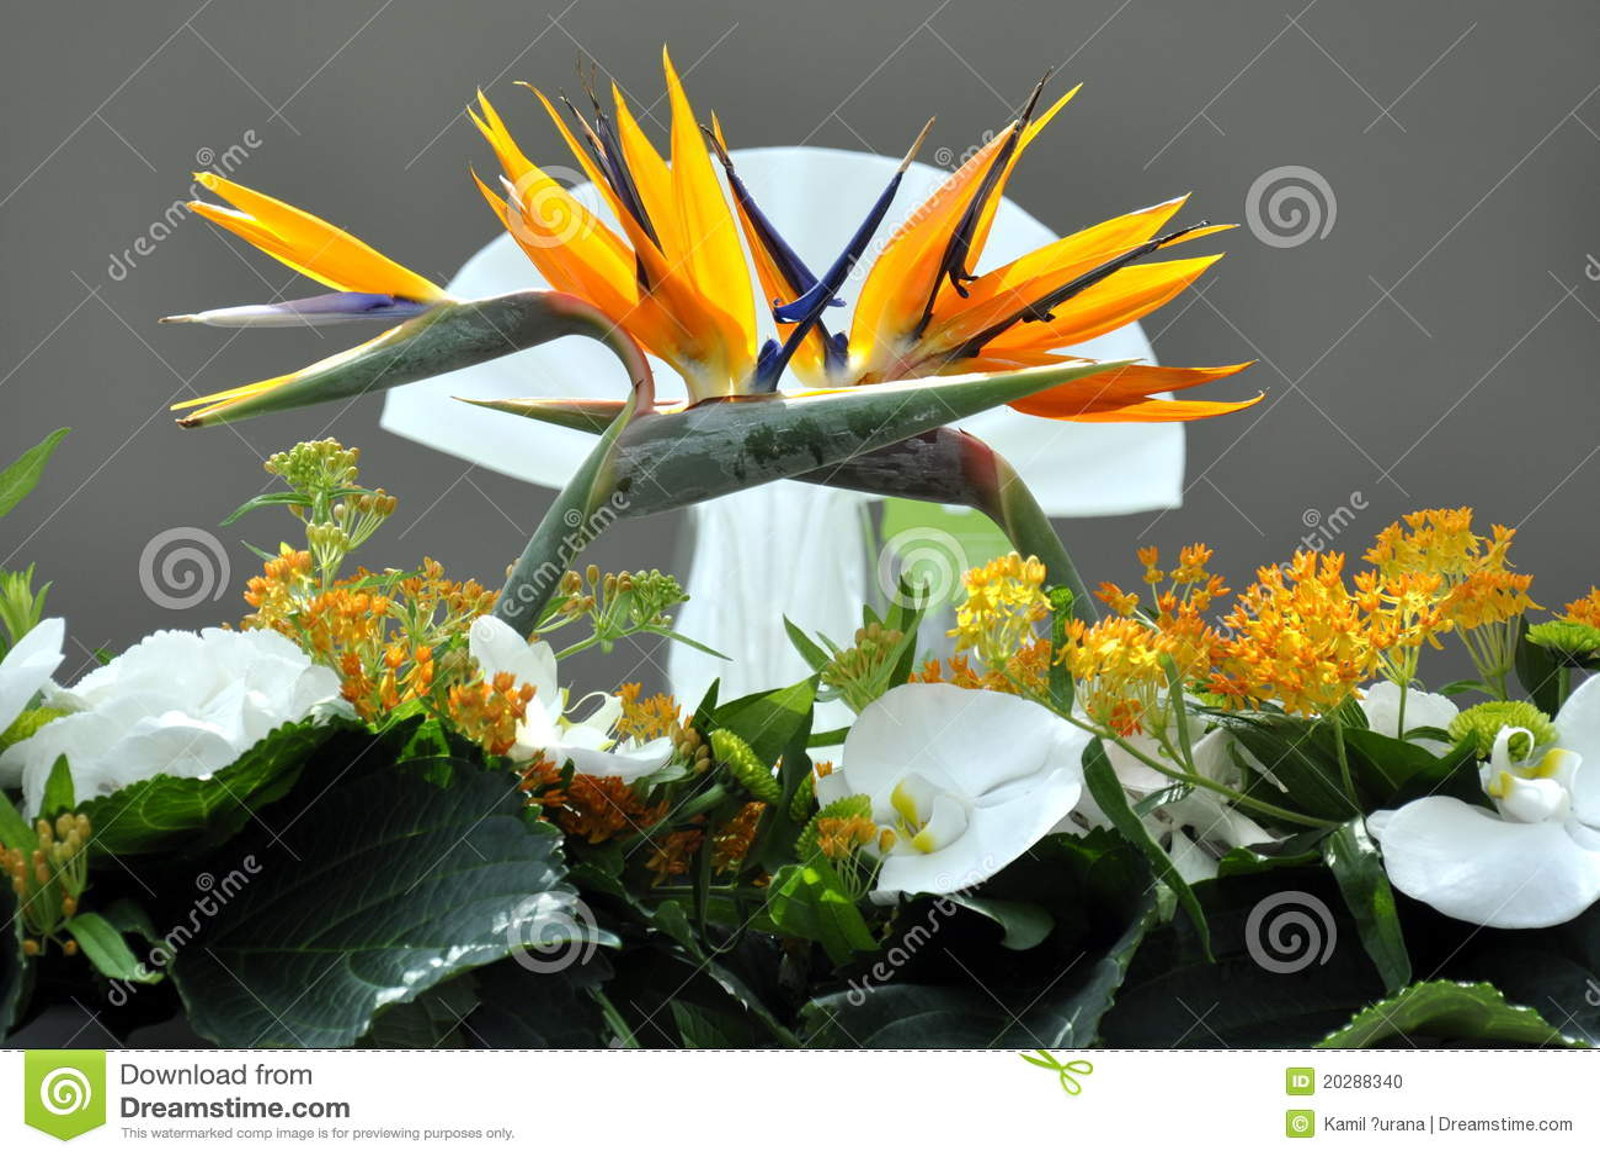 Dekorativt gifta sig för blommor